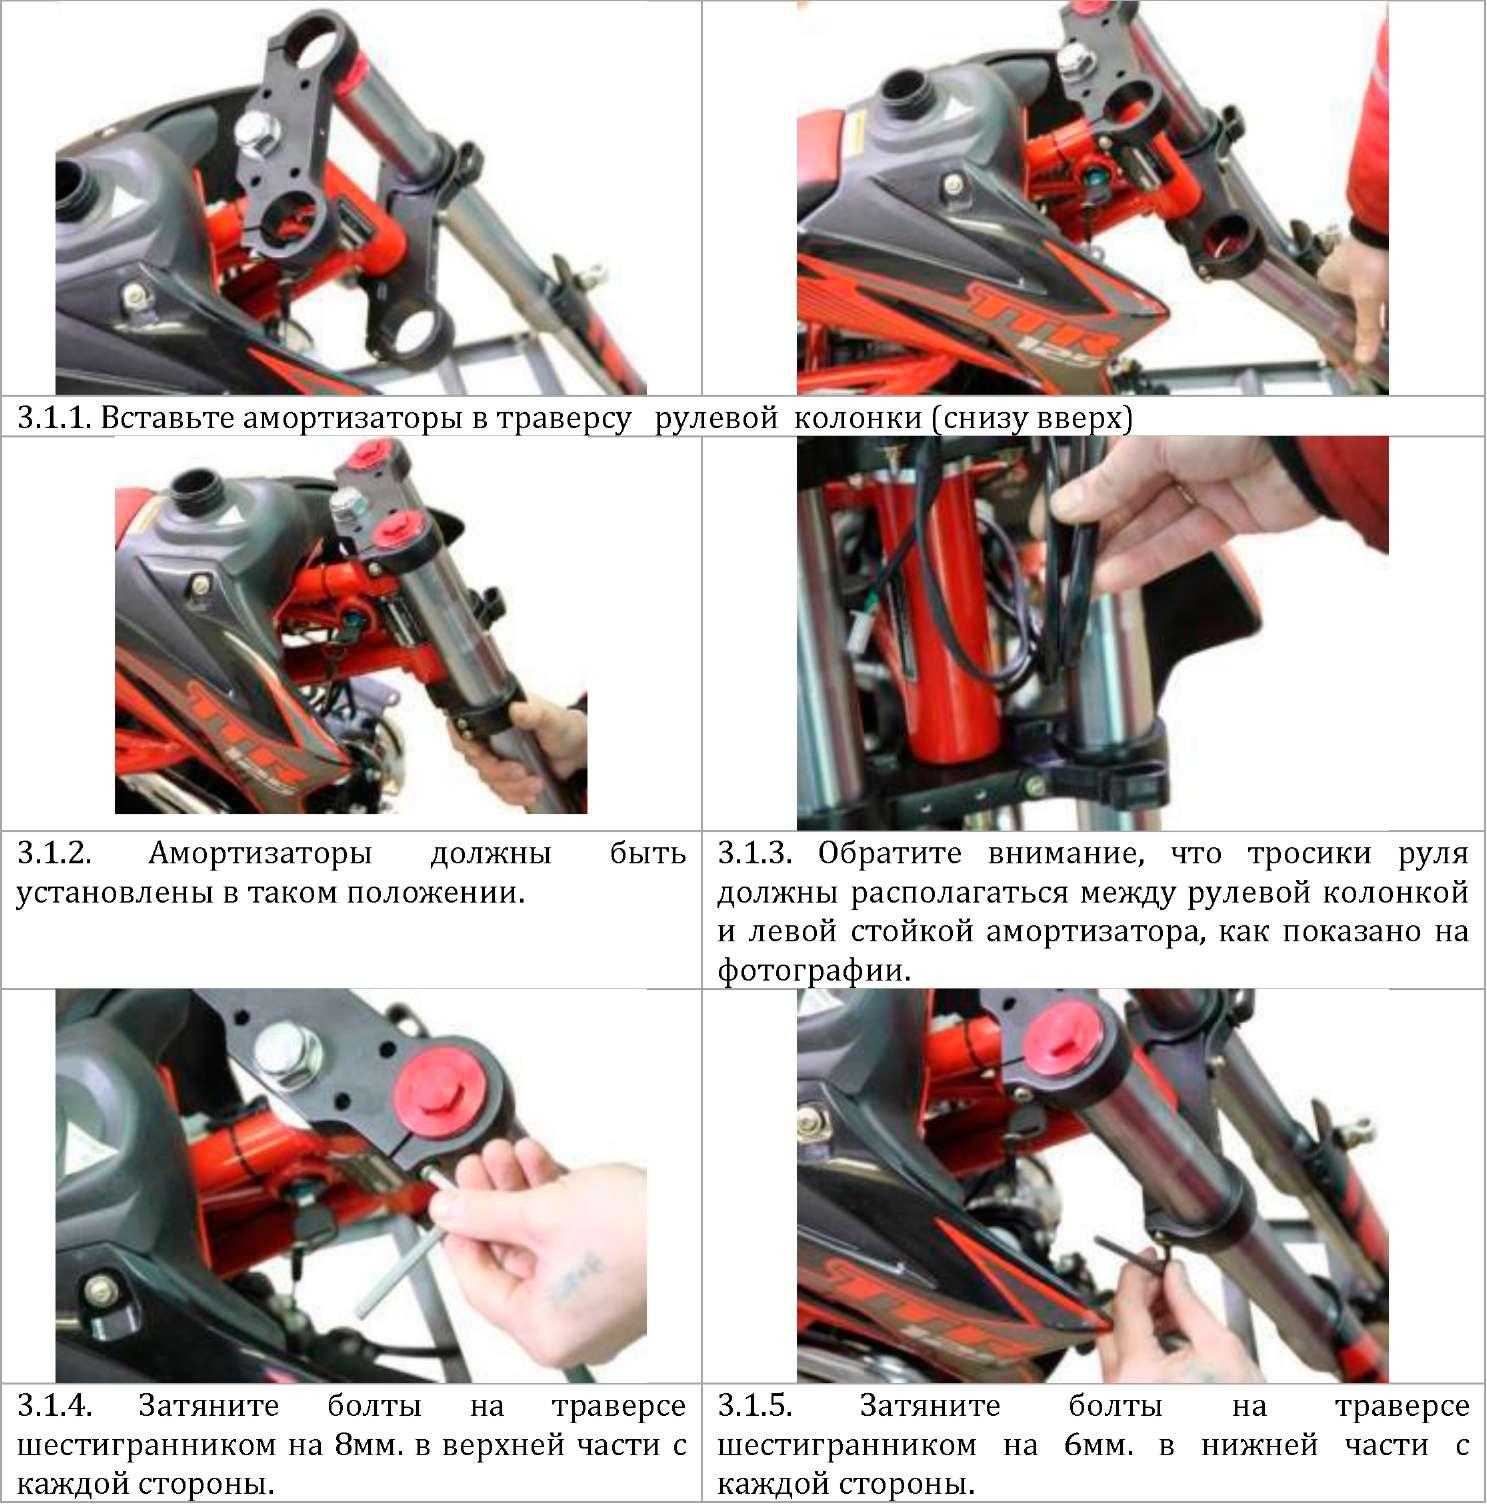 инструкция по переборки двигателя на питбайке